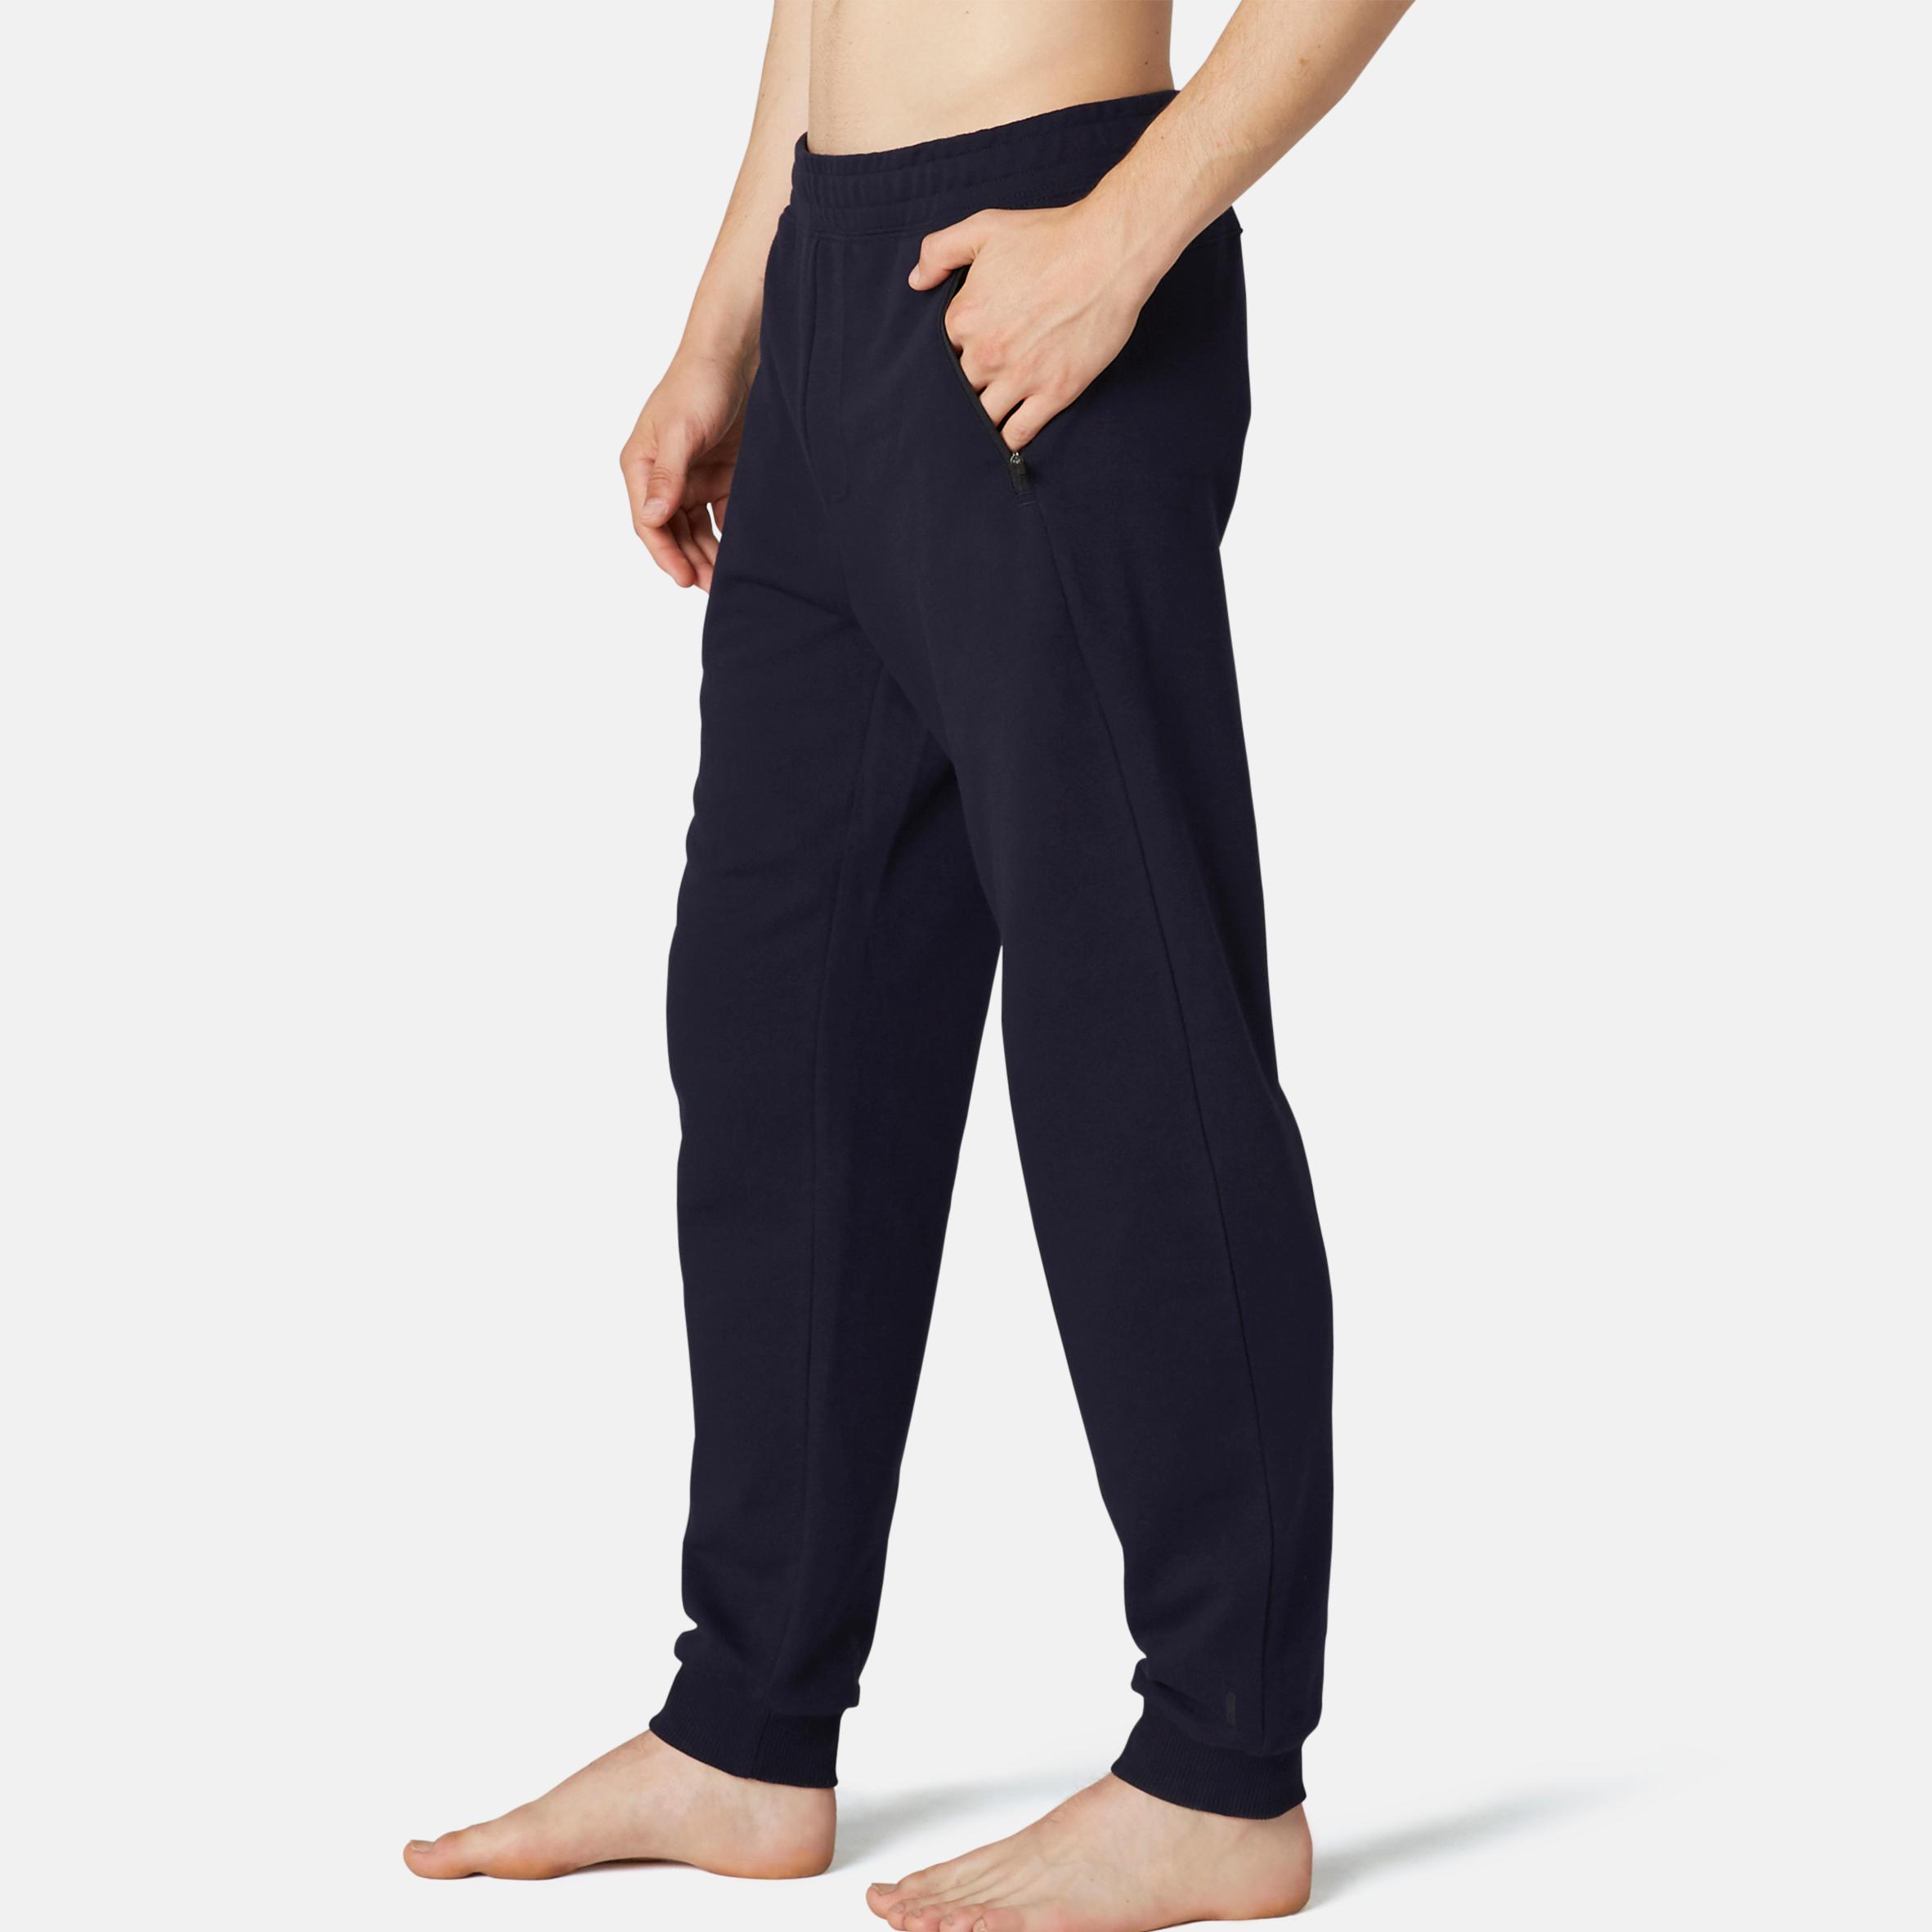 Pantalon 500 Pilates bărbați